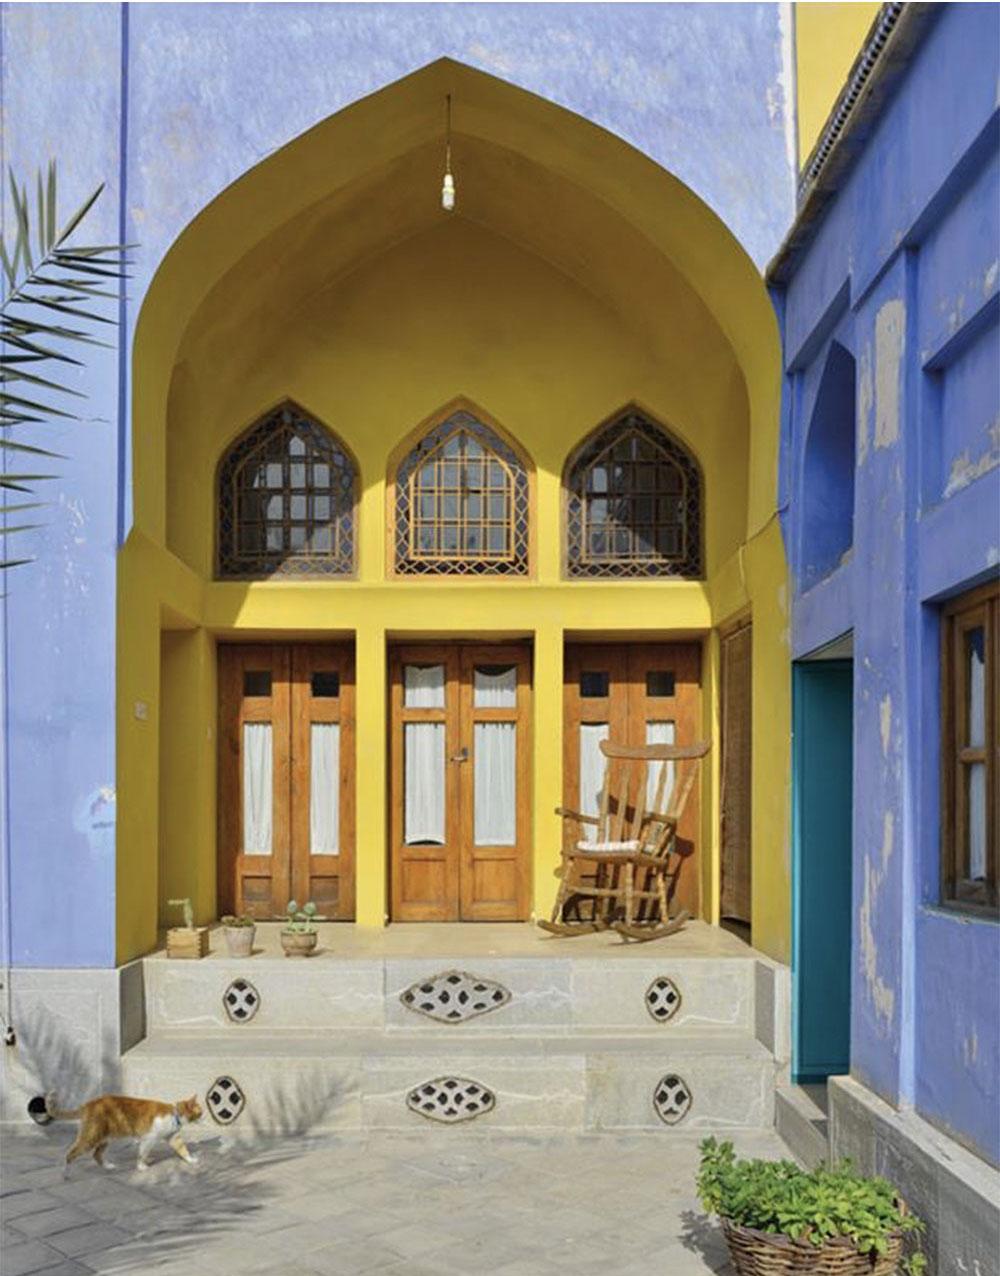 Home of Sufi Shahidzadeh Falsafi in Esfahan